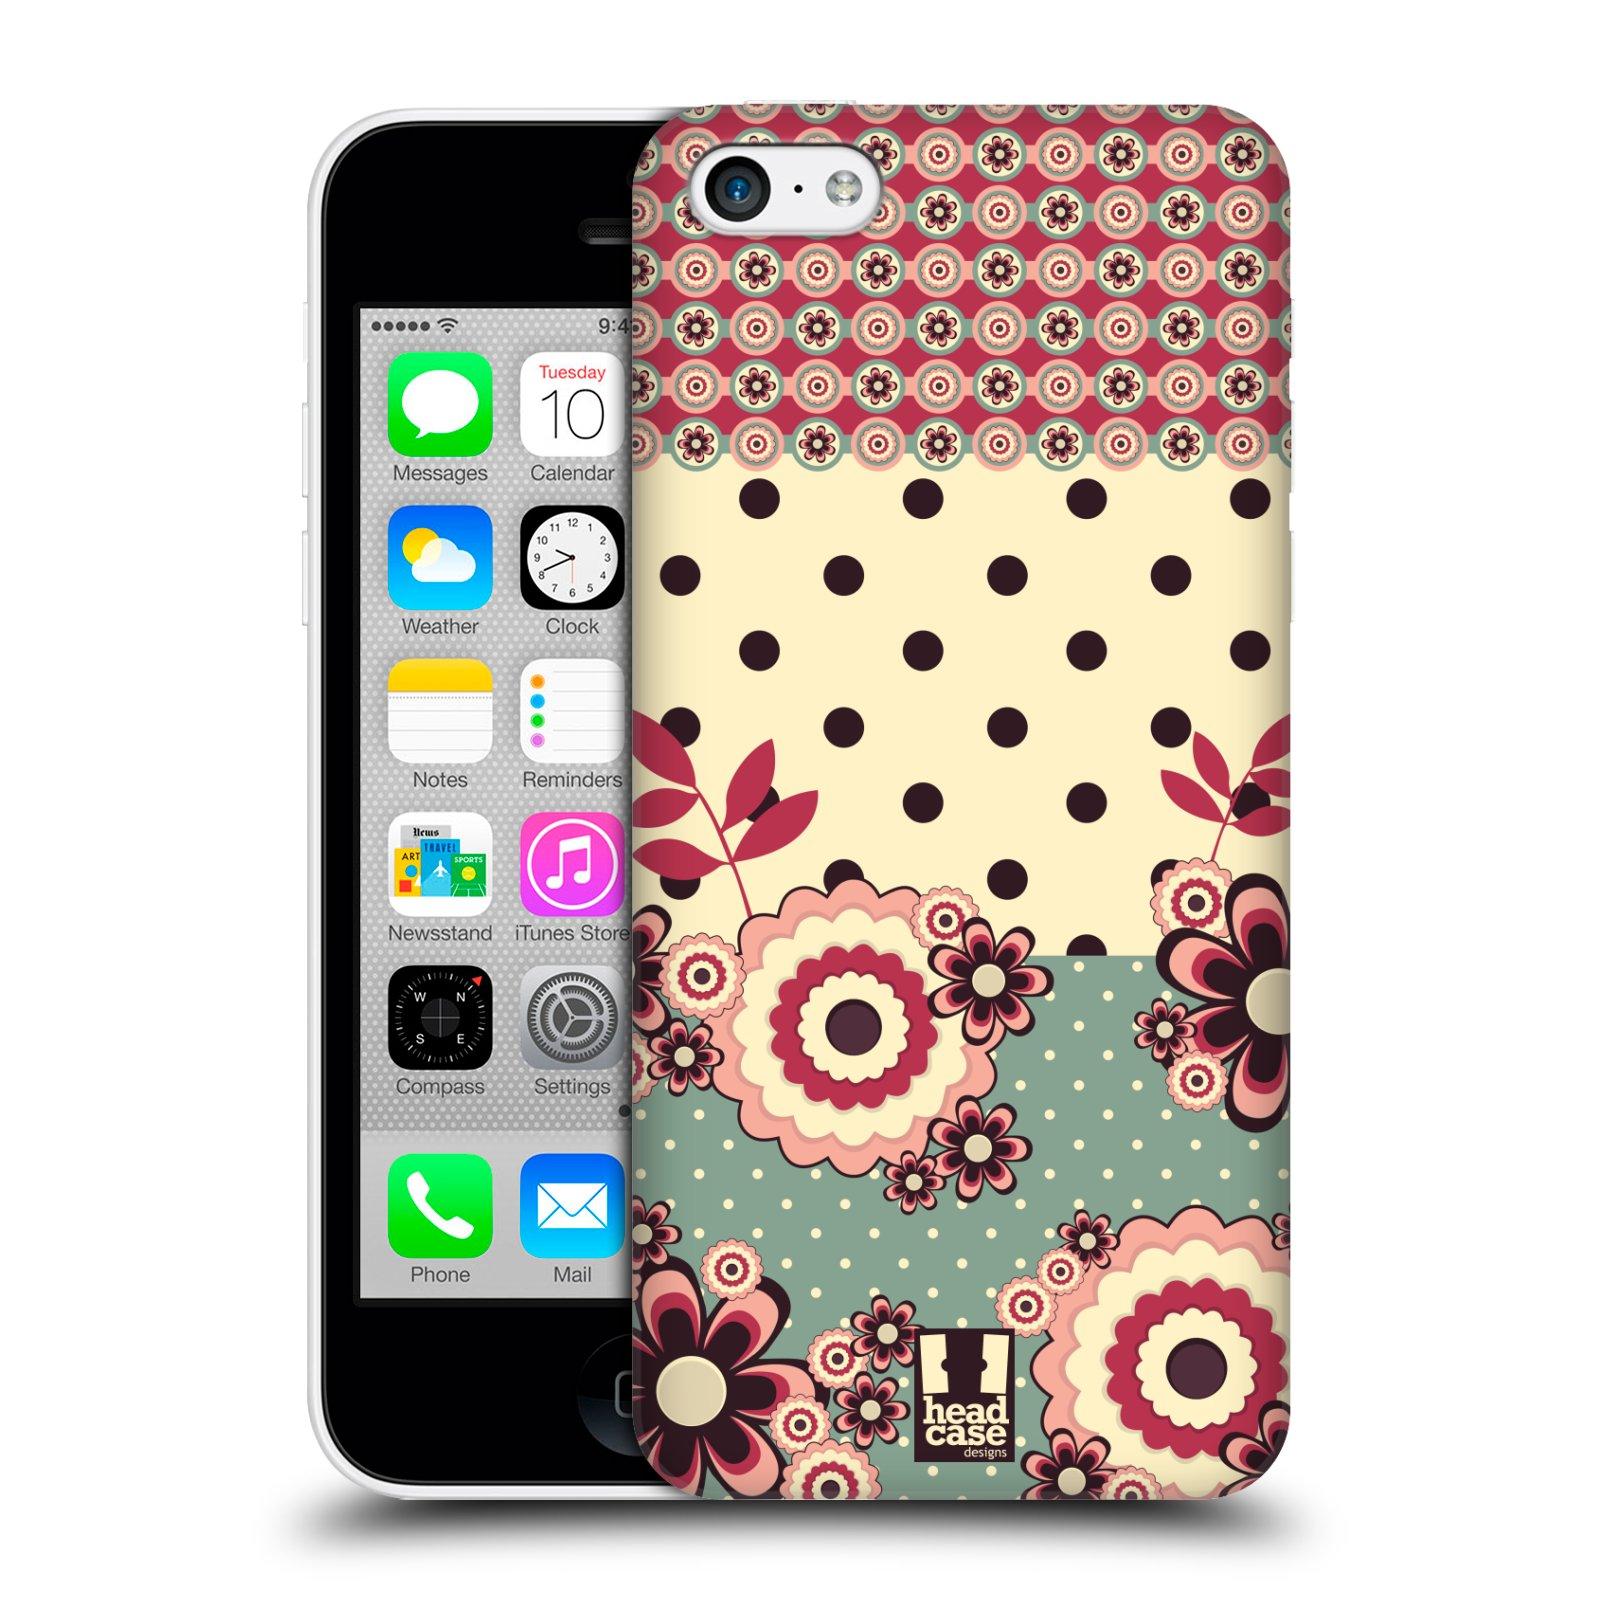 Plastové pouzdro na mobil Apple iPhone 5C HEAD CASE KVÍTKA PINK CREAM (Kryt či obal na mobilní telefon Apple iPhone 5C)